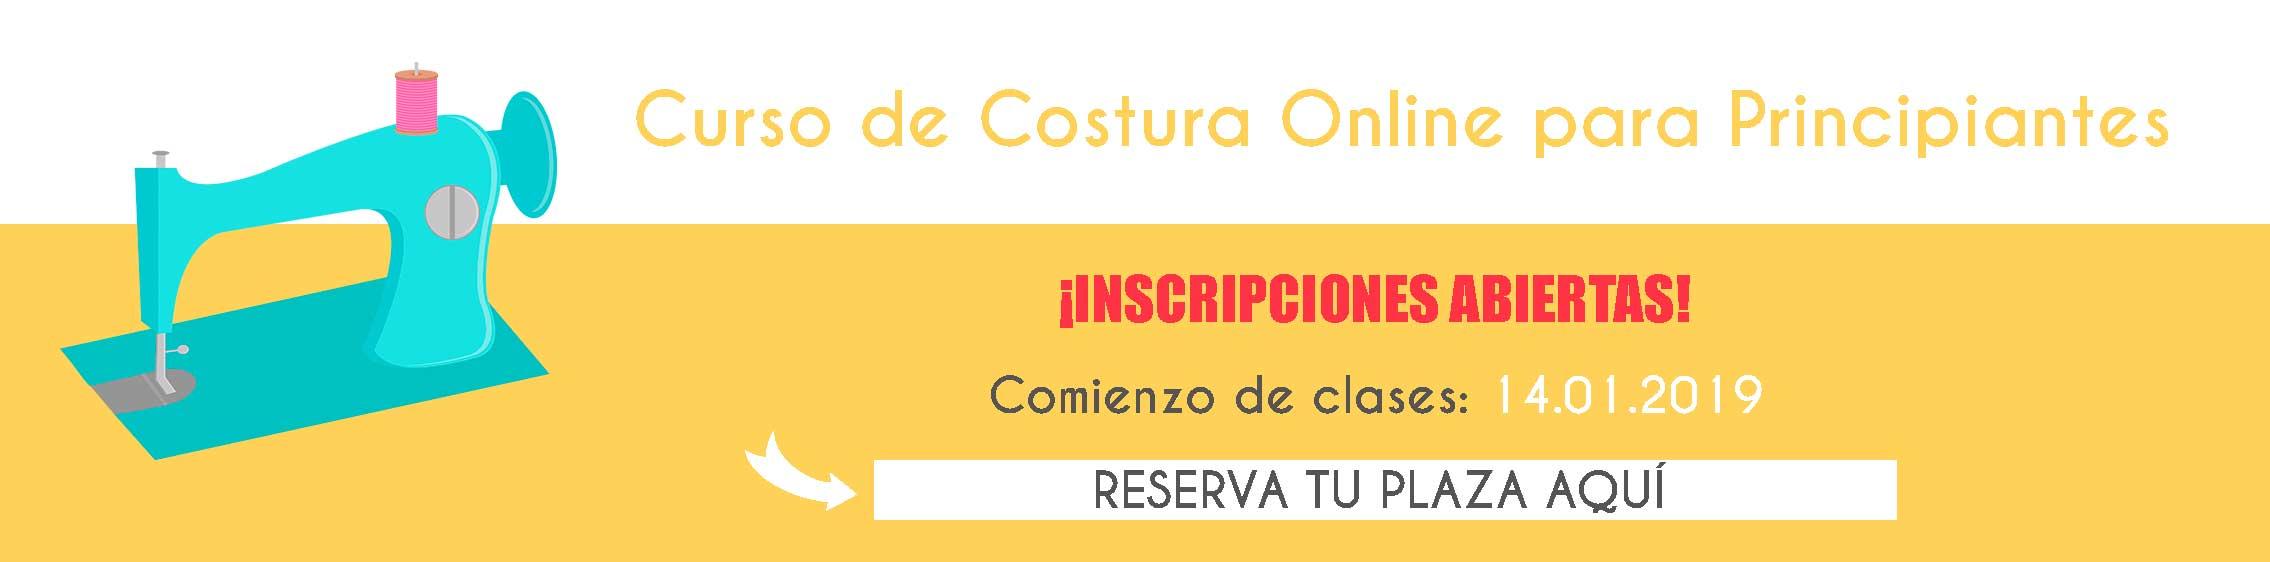 curso-costura-online-abierto-enero-2019